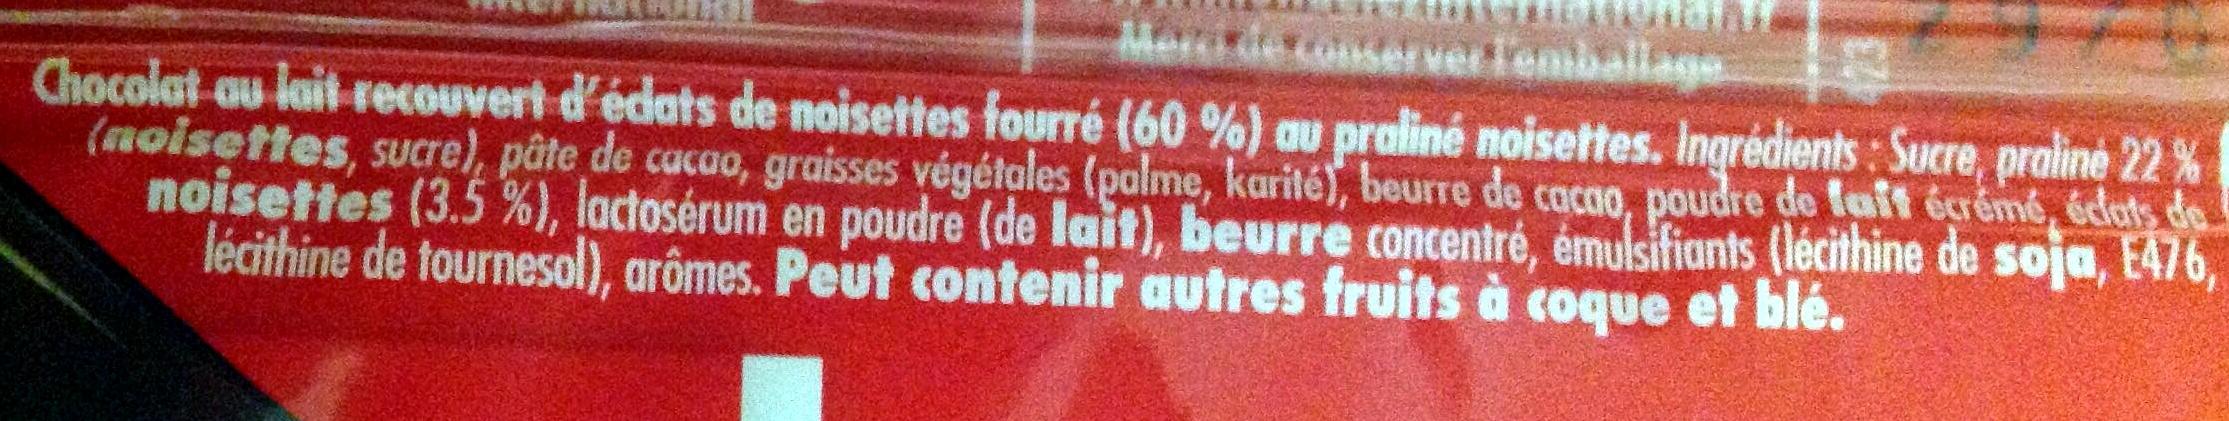 Rocher Lait Suchard - Ingrédients